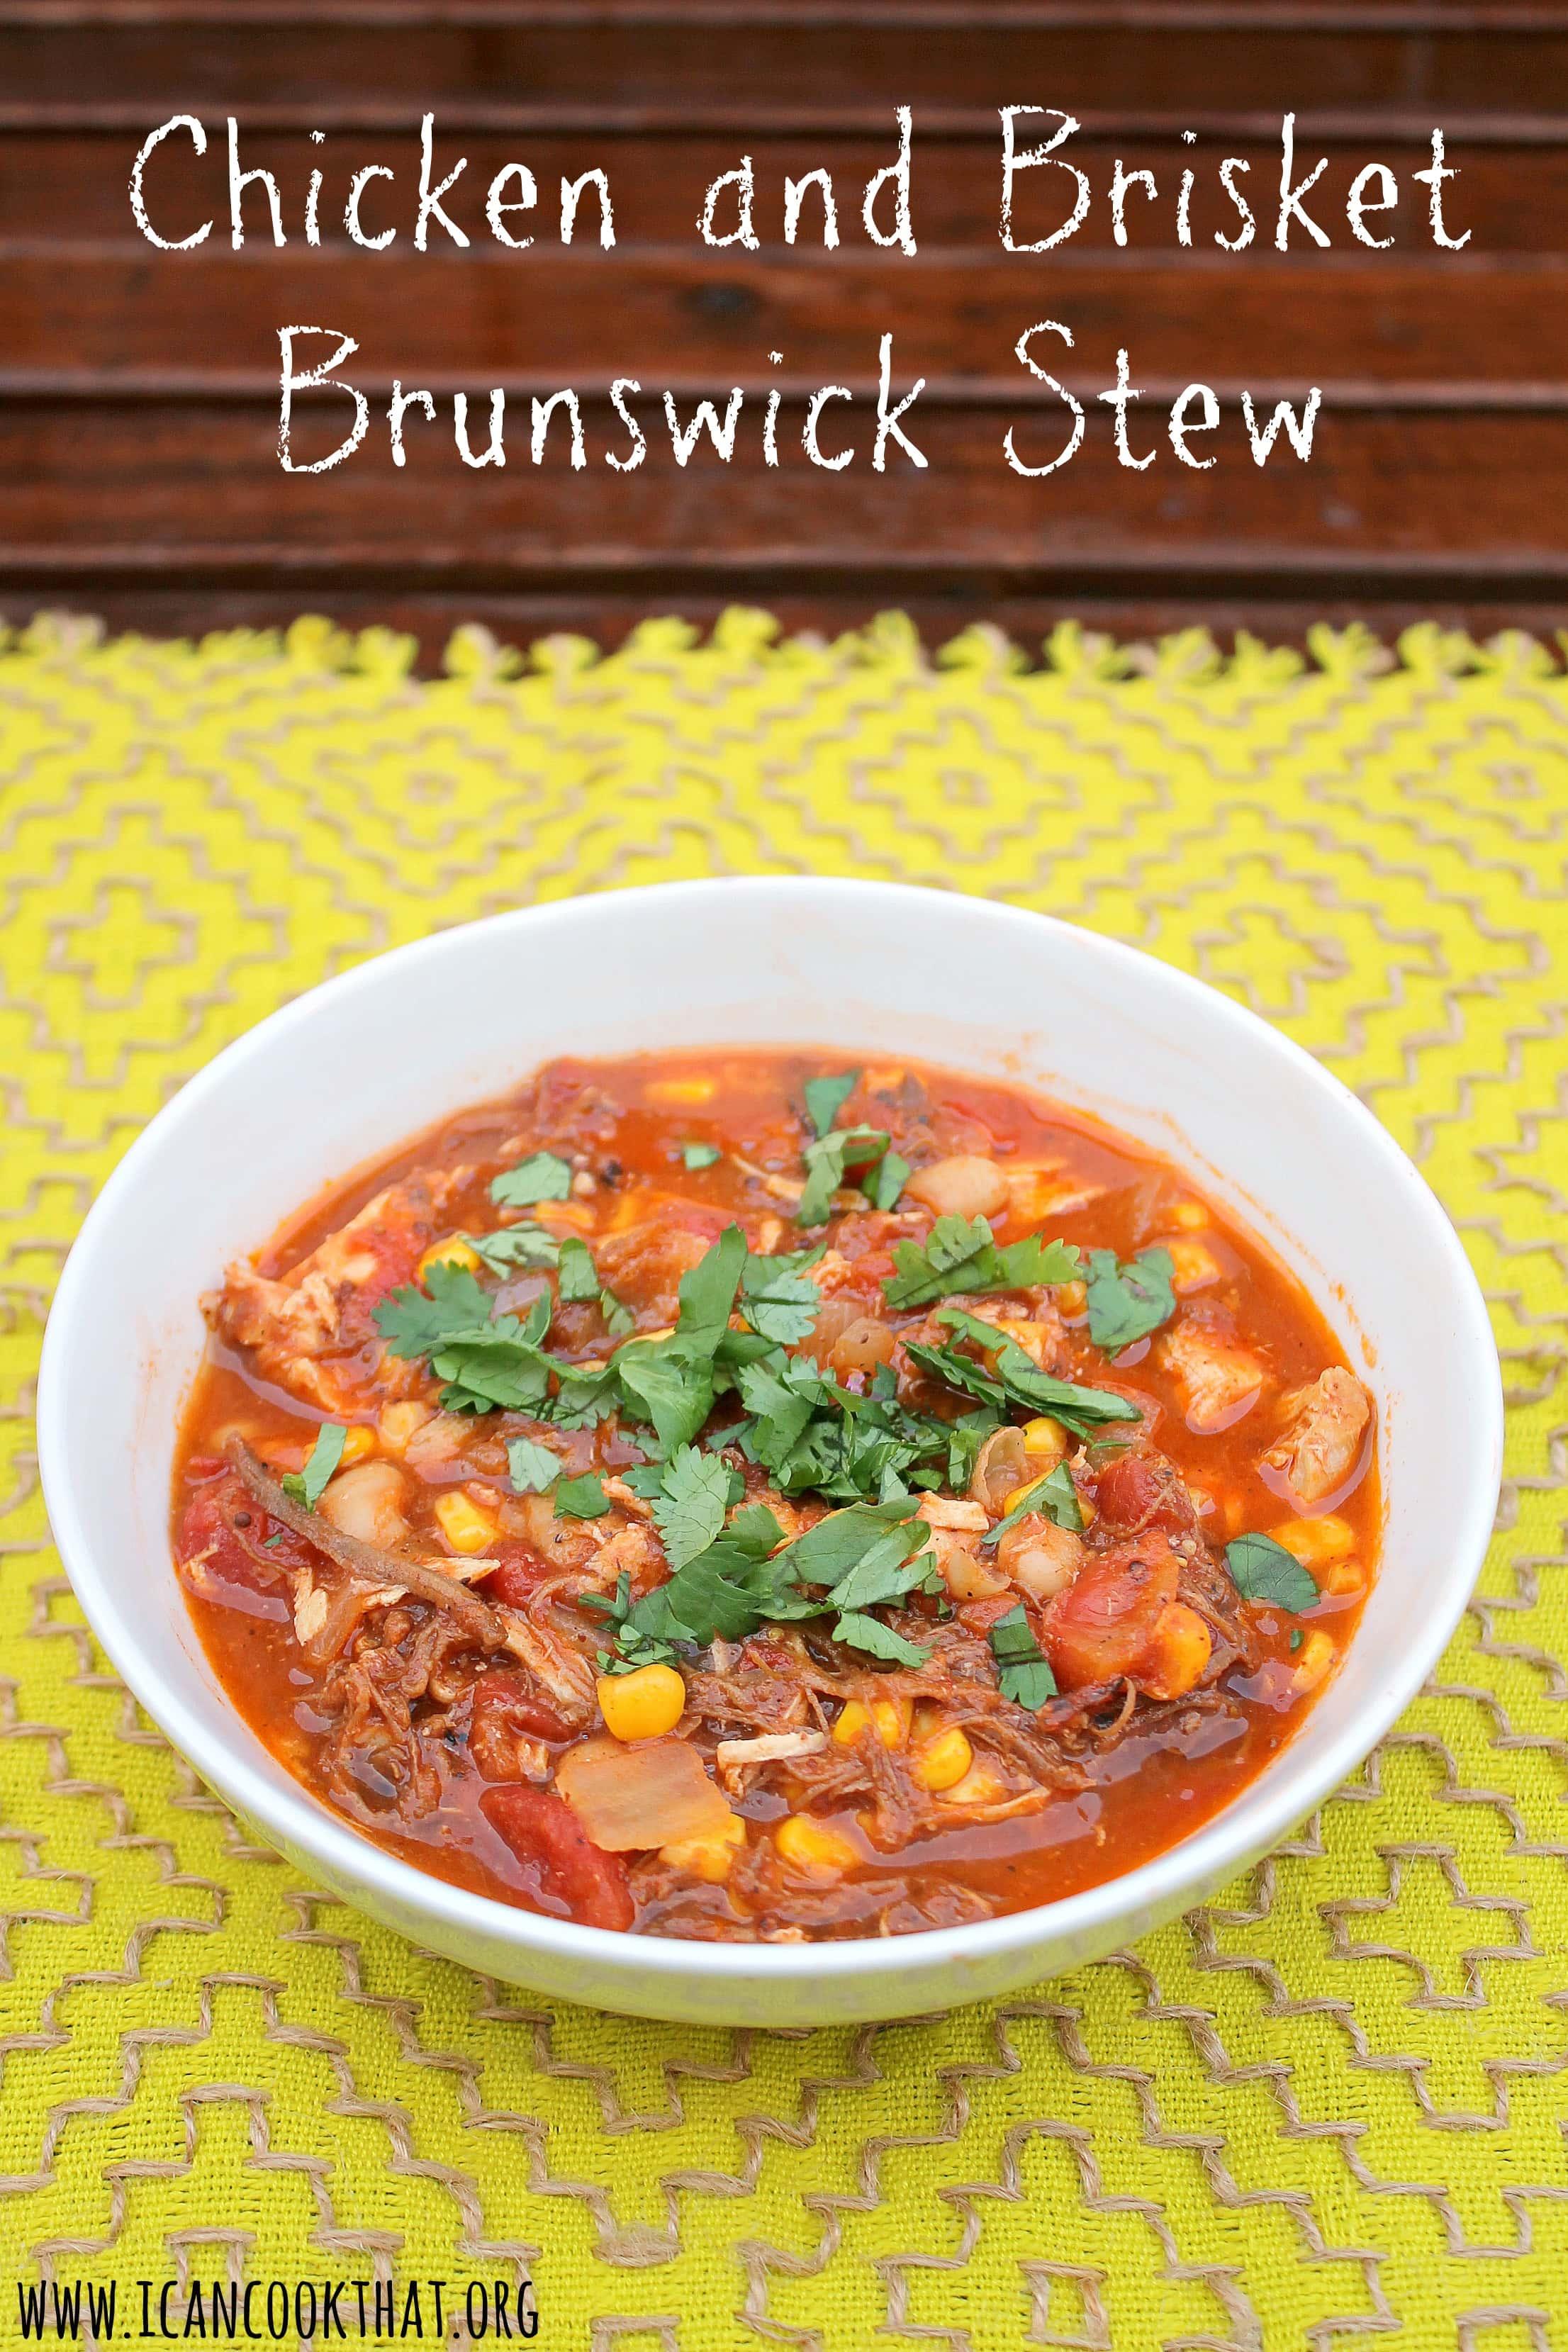 Chicken and Brisket Brunswick Stew